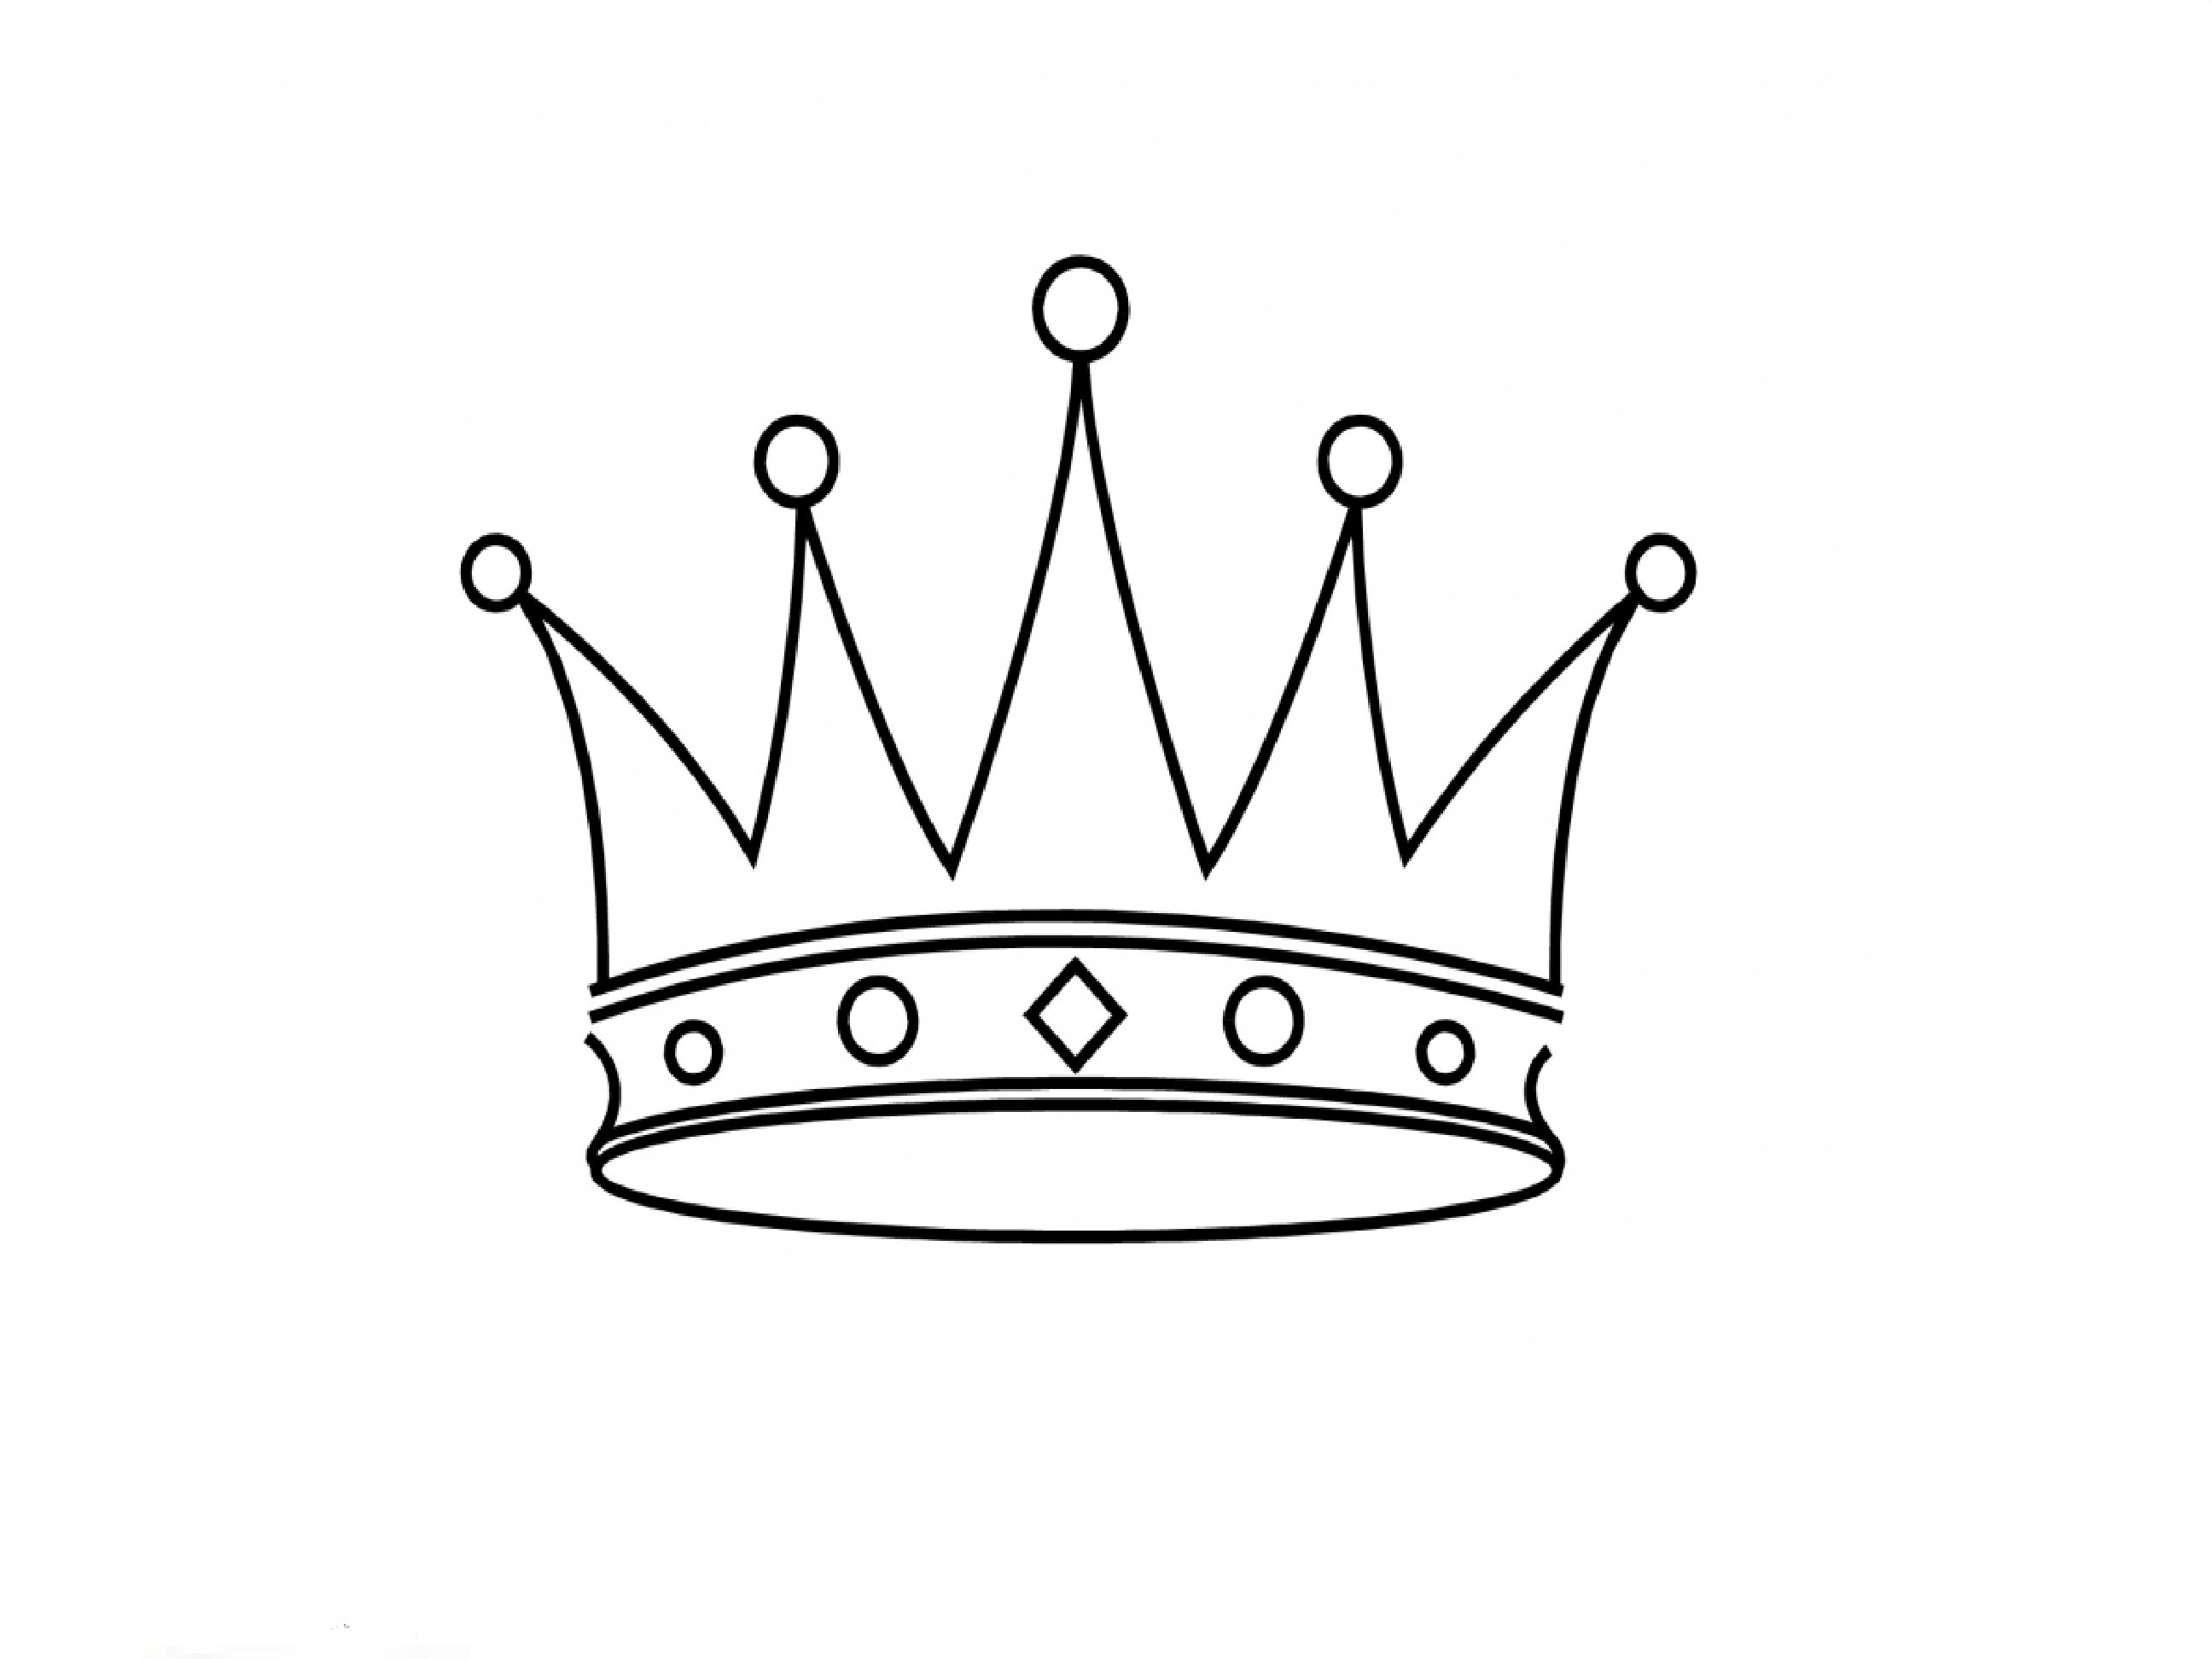 Crown Drawing At Getdrawings